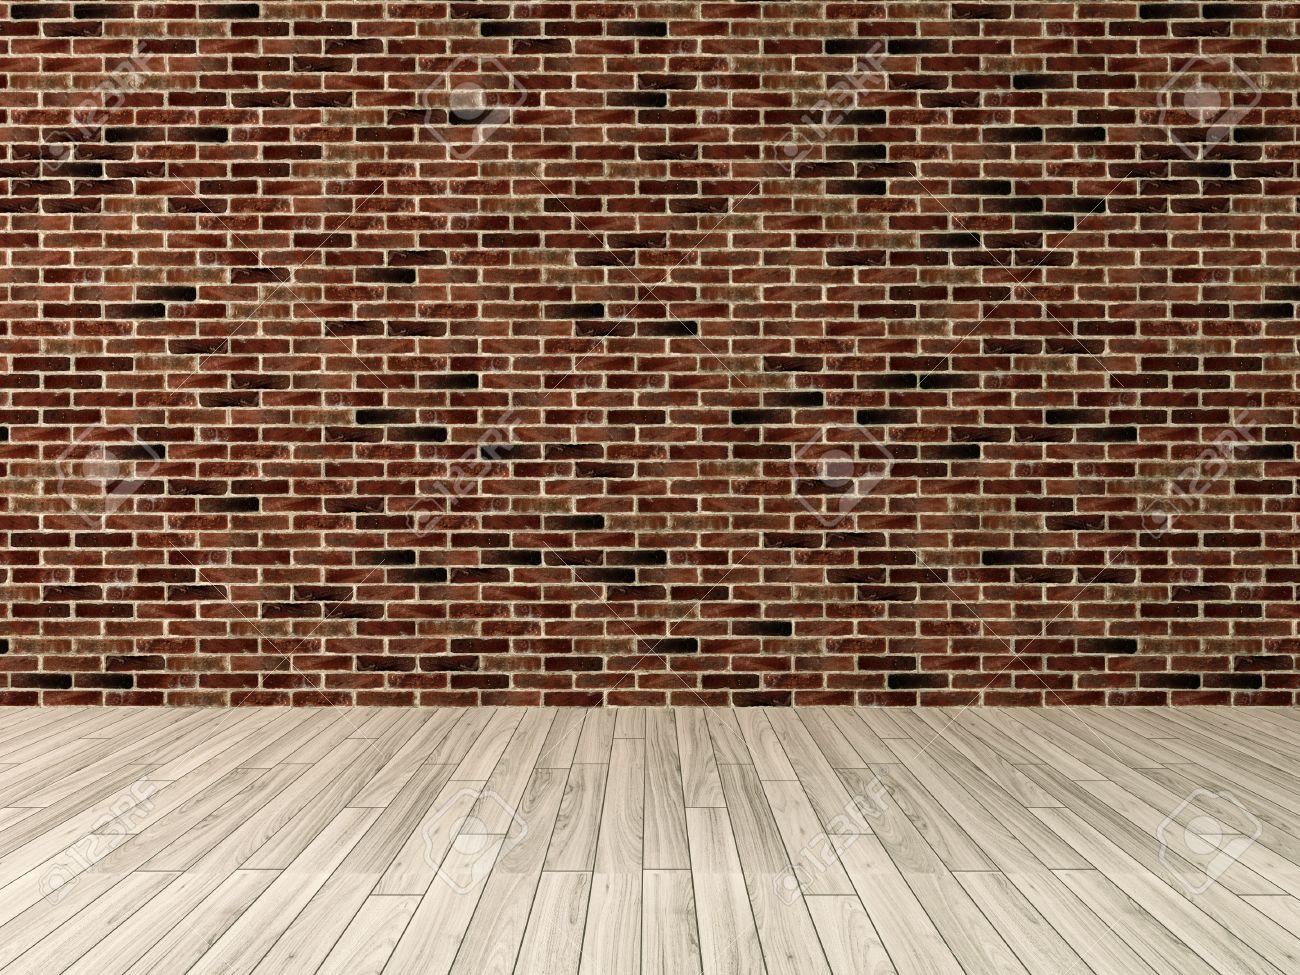 Pareti Interne In Mattoni : Mattoni per pareti interne. latest mattoni a vista consigli e